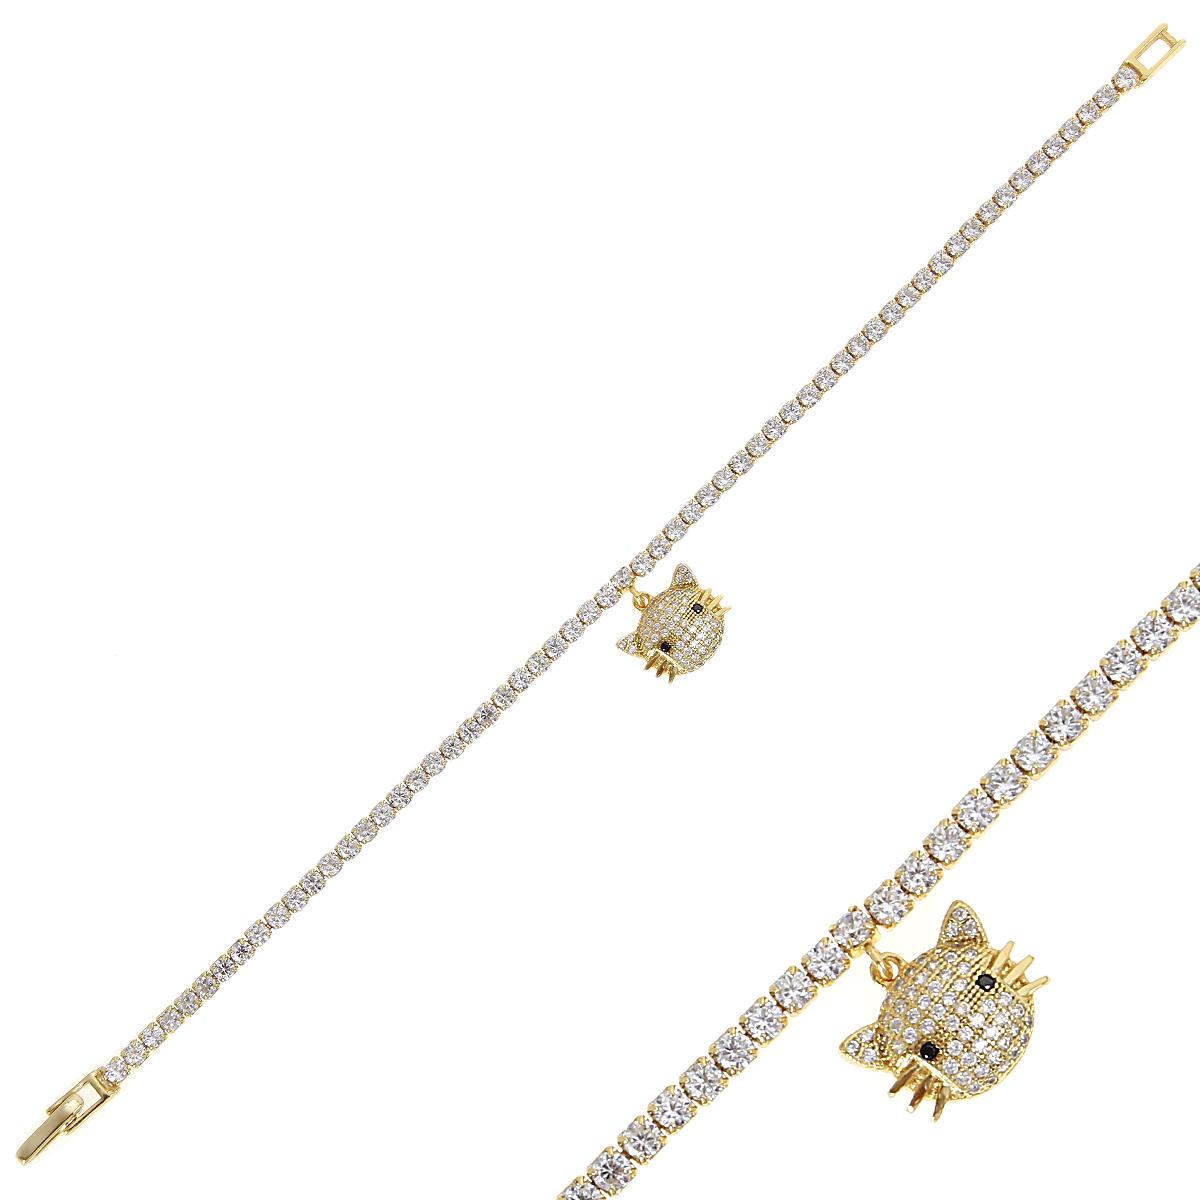 Браслет женский Balex Jewellery 7456910017 из серебра, фианит, р. 18